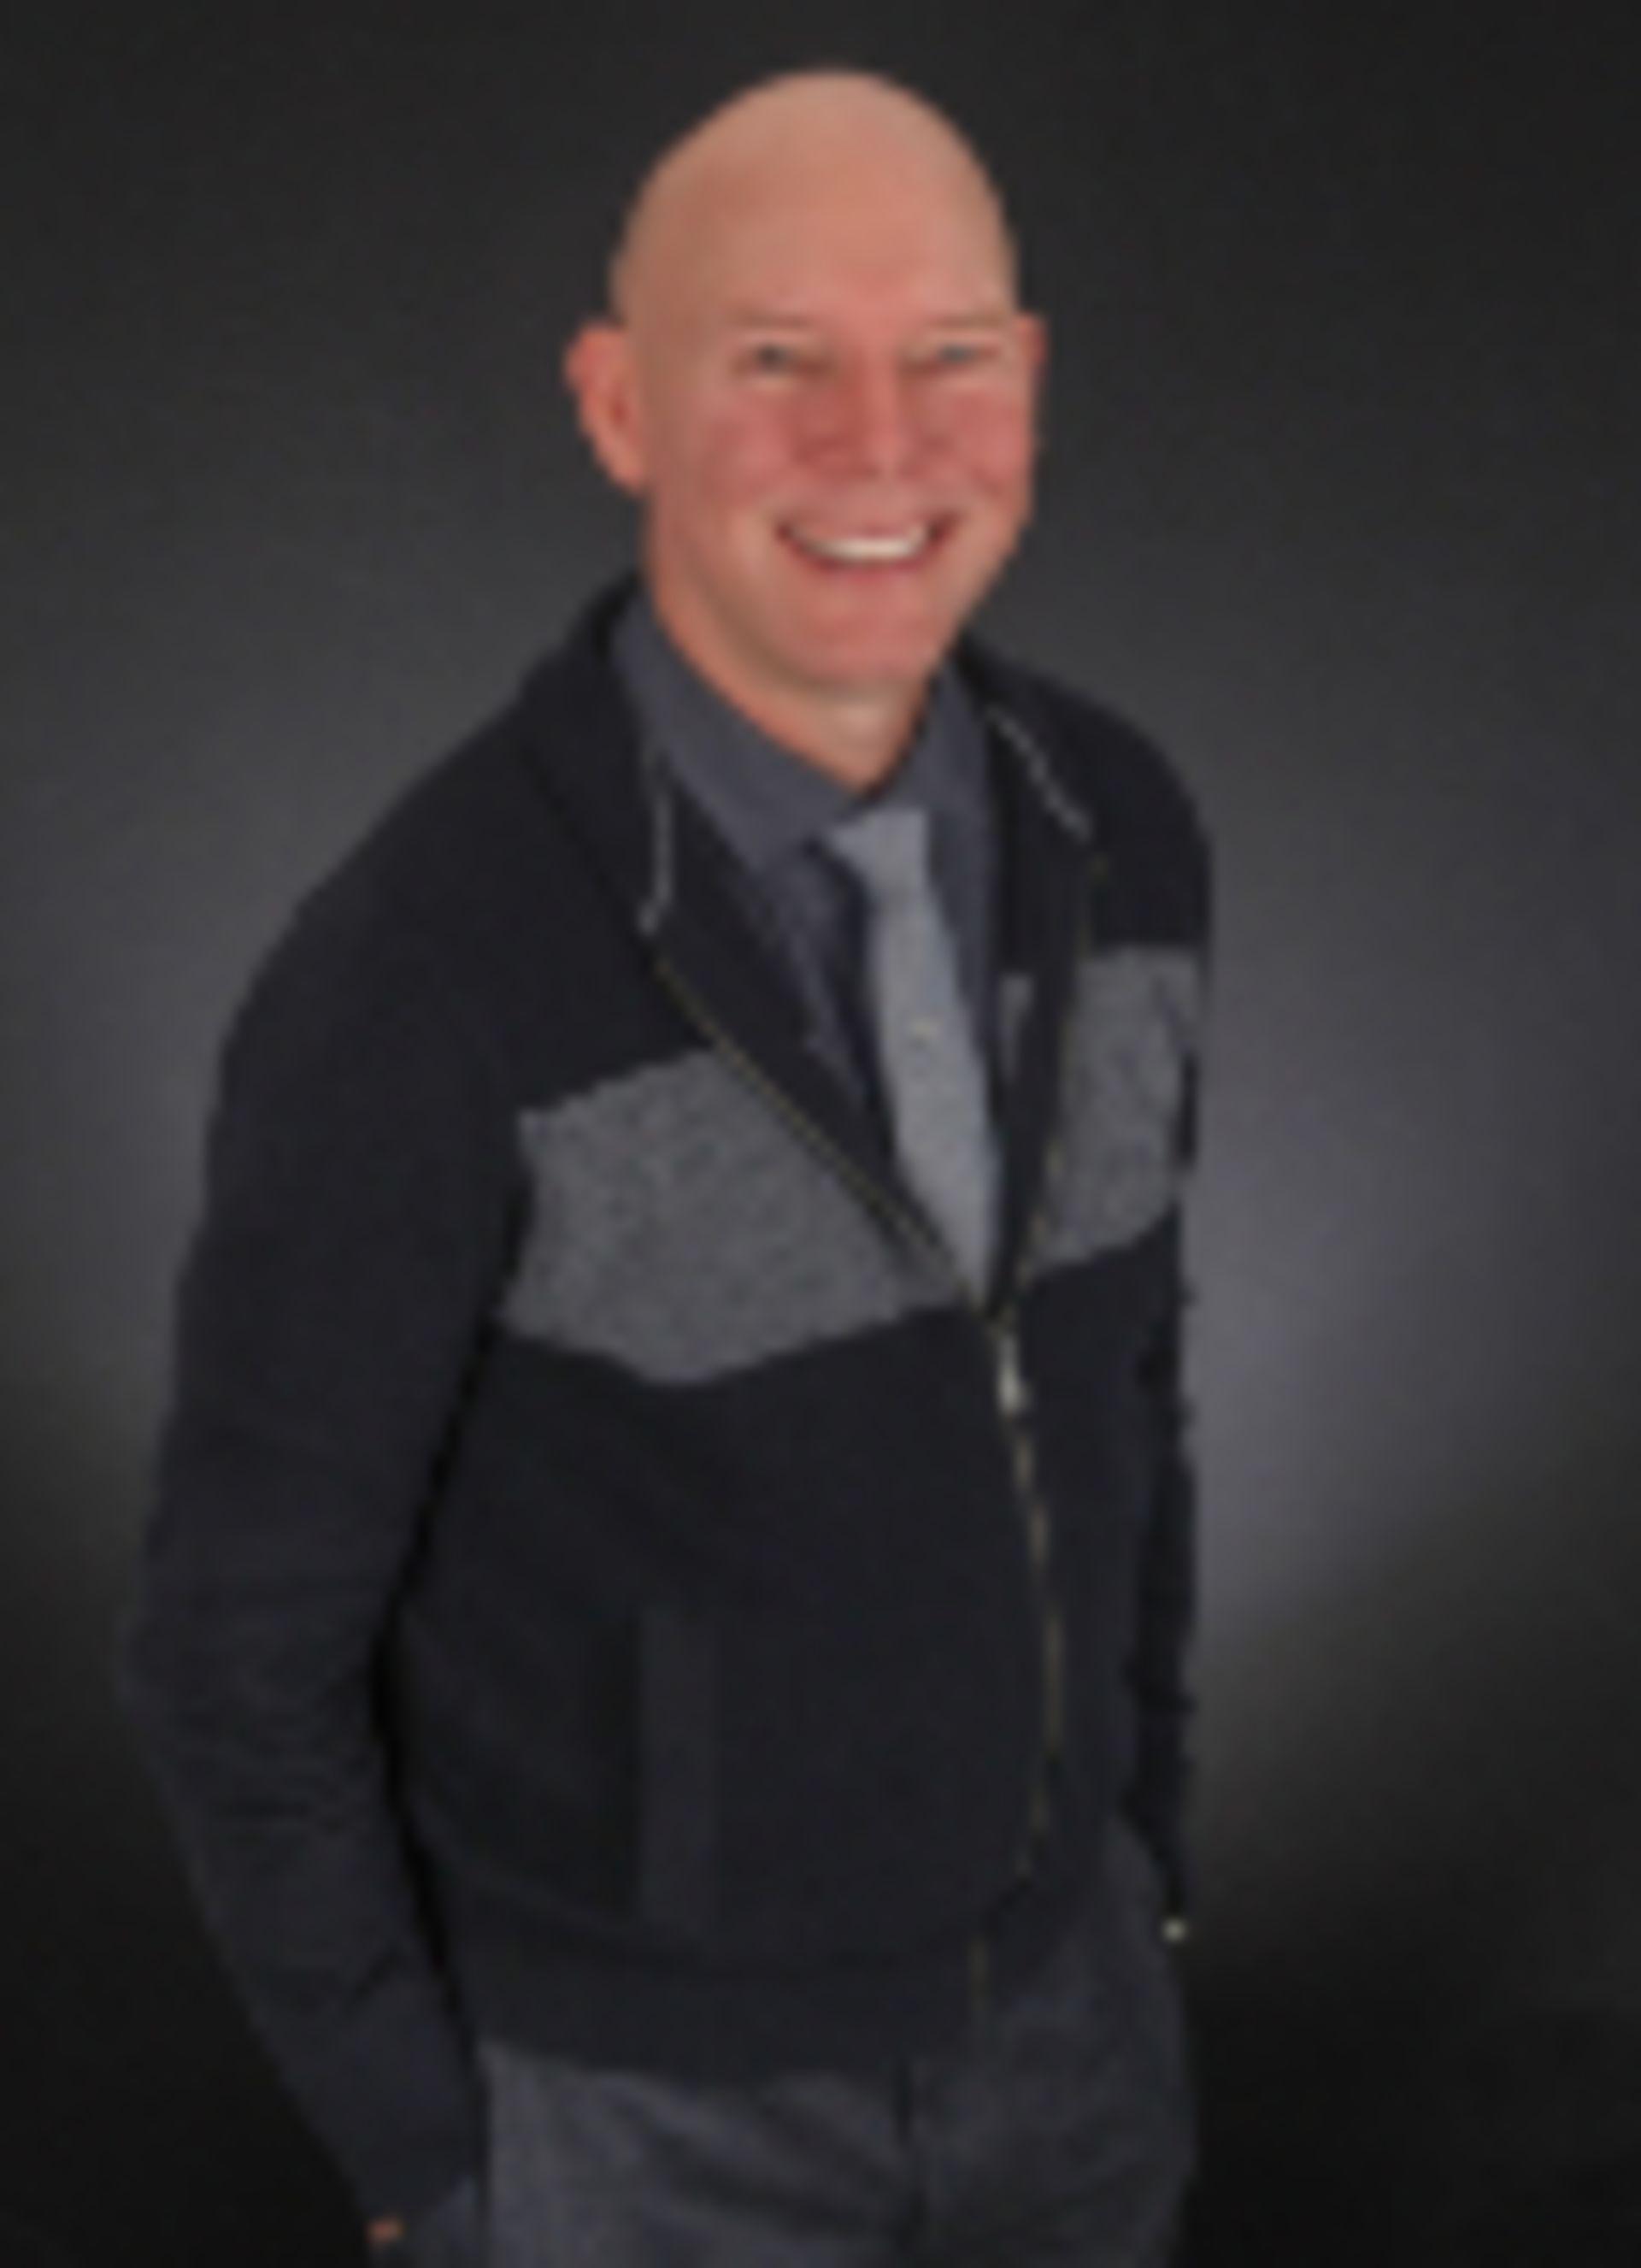 Richard Machniak